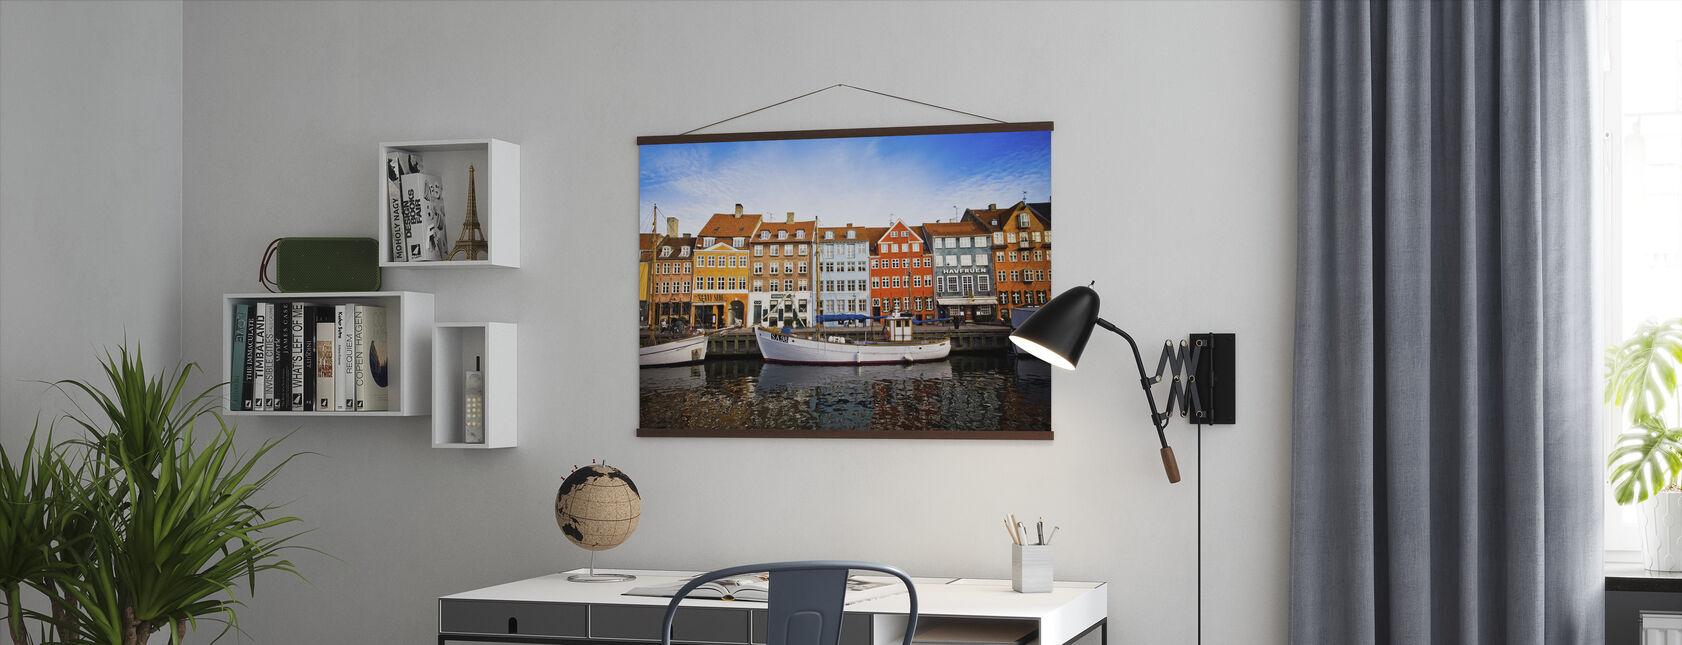 Boten in Nyhavn, Kopenhagen, Denemarken - Poster - Kantoor